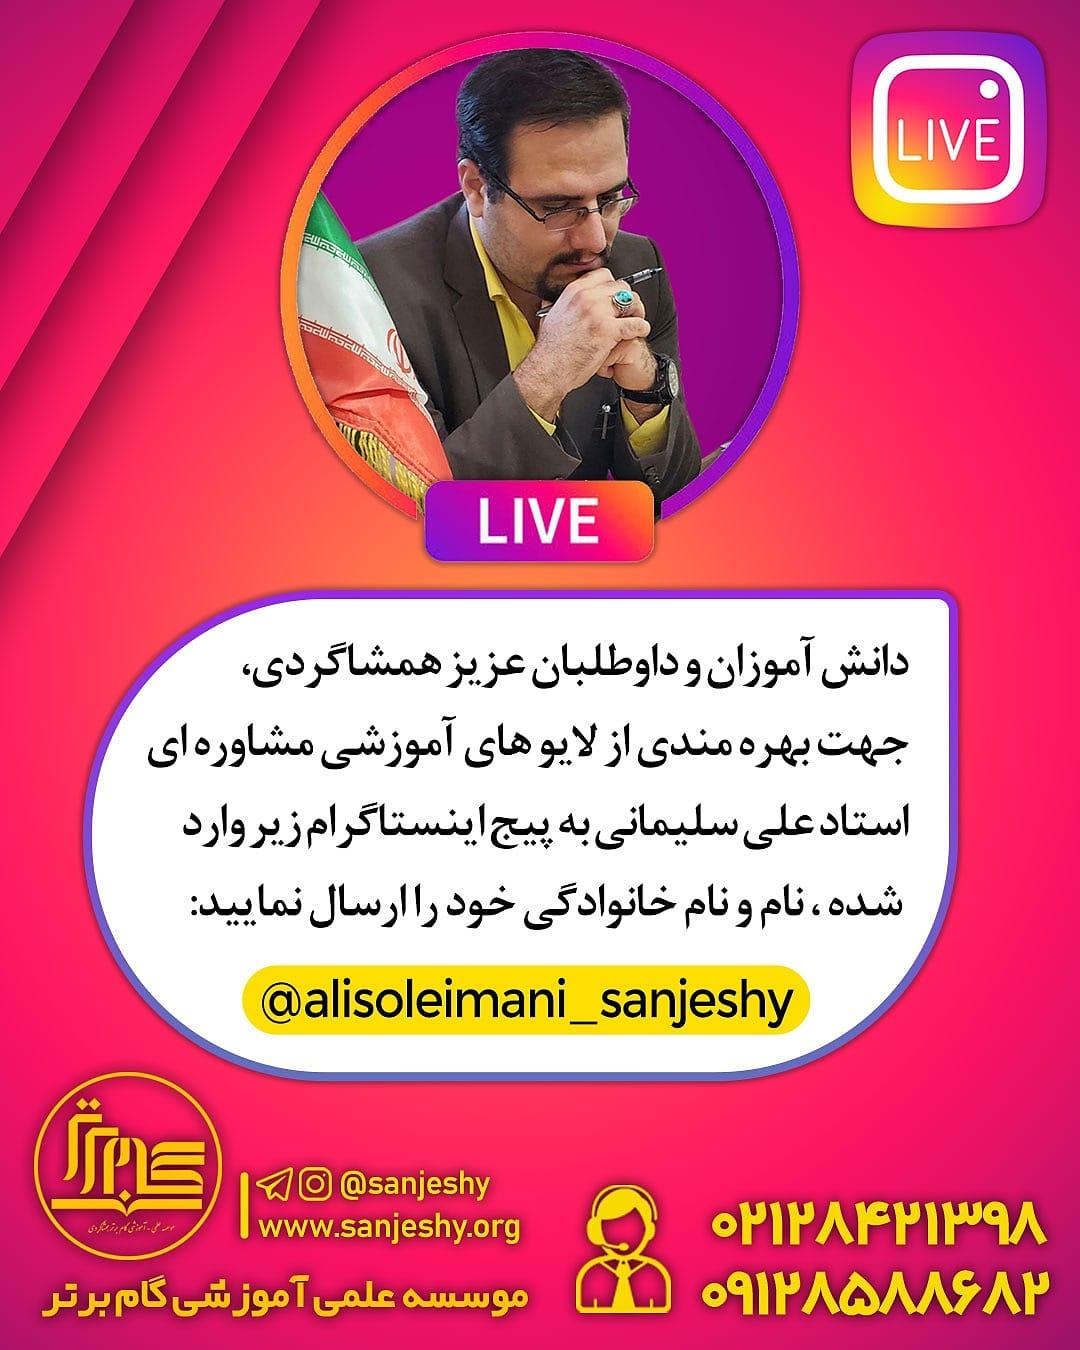 لایو ( live ) های مشاوره ای رایگان استاد علی سلیمانی